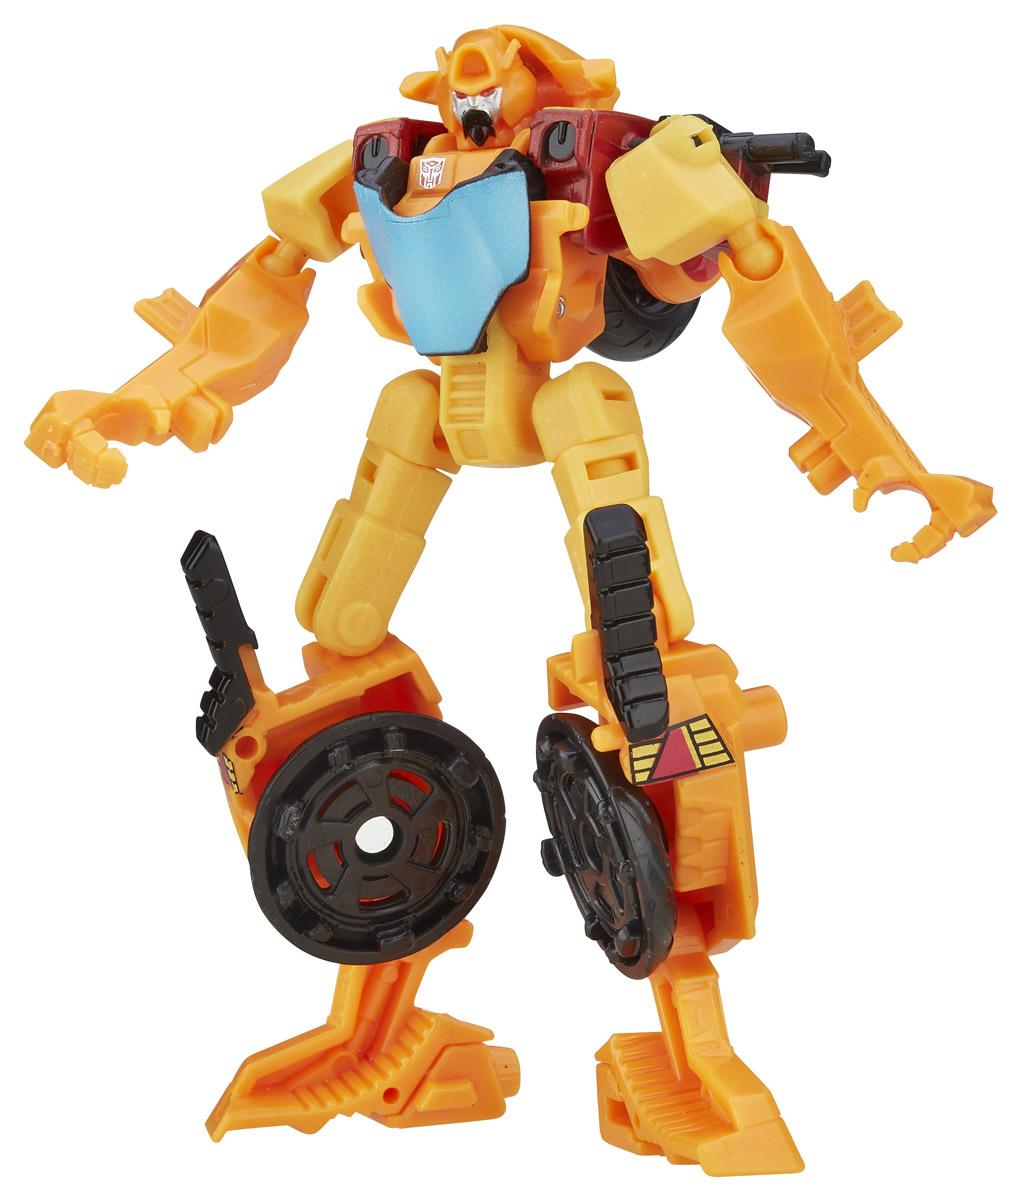 Transformers Трансформер Wreck-GarB0971_B5611Трансформер Transformers Wreck-Gar непременно понравится всем юным поклонникам знаменитых Трансформеров! Фигурка выполнена из прочного пластика в виде трансформера Wreck-Gar. Руки и ноги робота подвижны. В несколько простых шагов малыш сможет трансформировать фигурку робота в транспортное средство. В комплекте с игрушкой идет также коллекционная карточка. Ребенок с удовольствием будет играть с фигуркой, придумывая разные истории. Порадуйте его таким замечательным подарком!